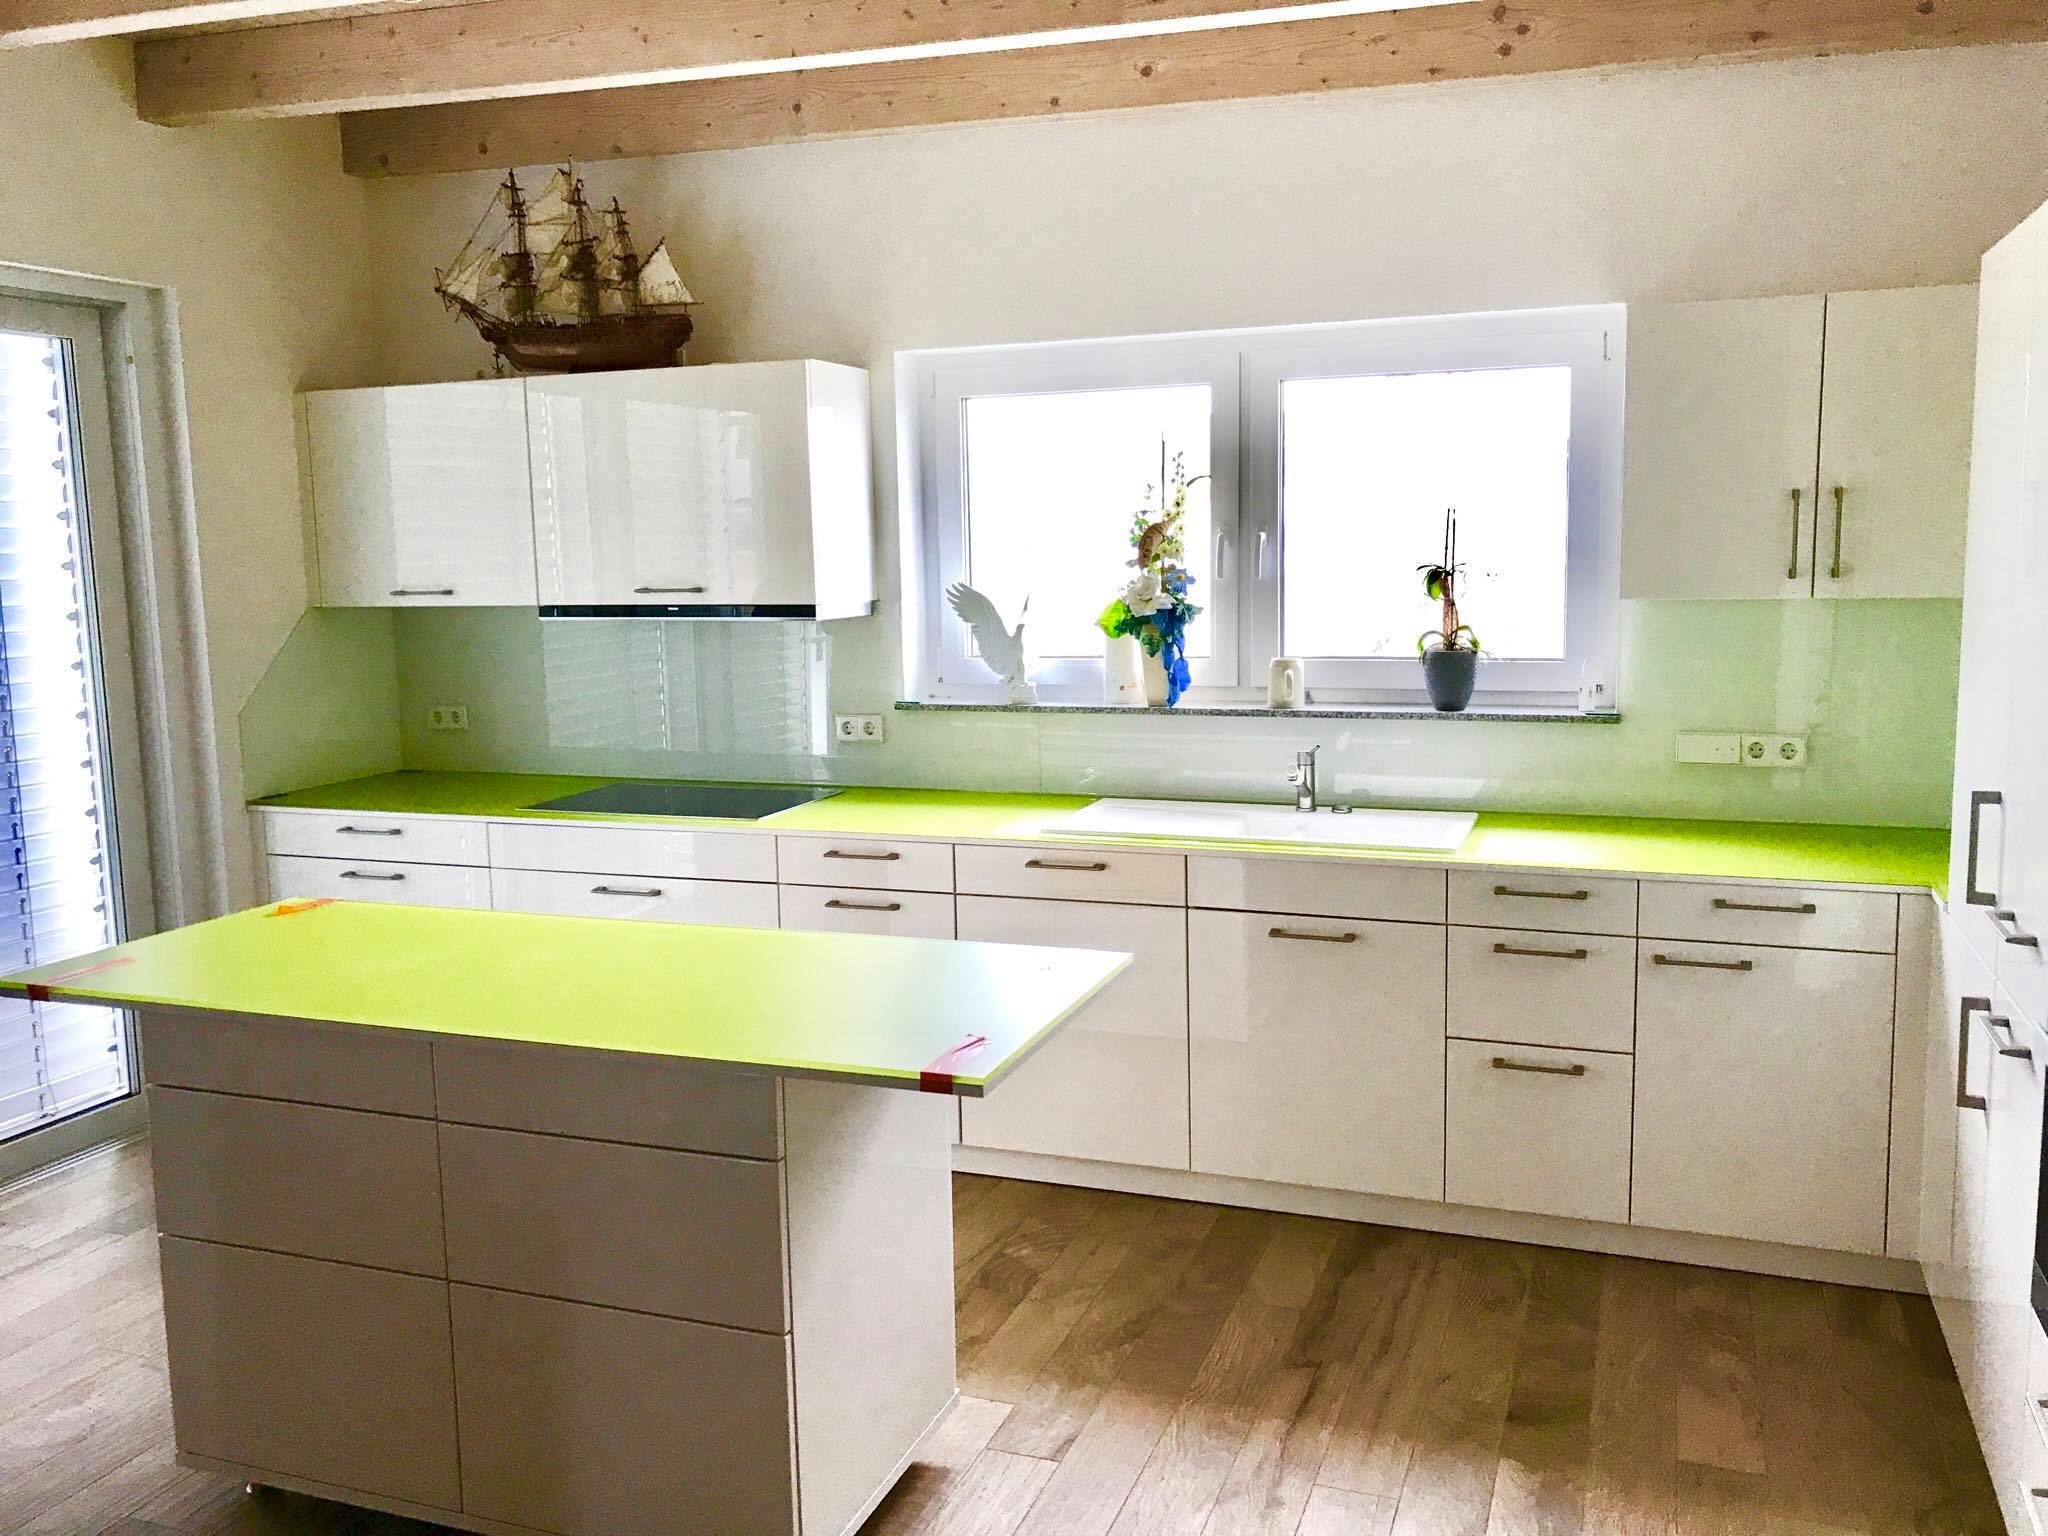 Full Size of Glas Kchenrckwand Ms Glasdesign Bad Renovieren Ideen Wohnzimmer Tapeten Wohnzimmer Küchenrückwand Ideen